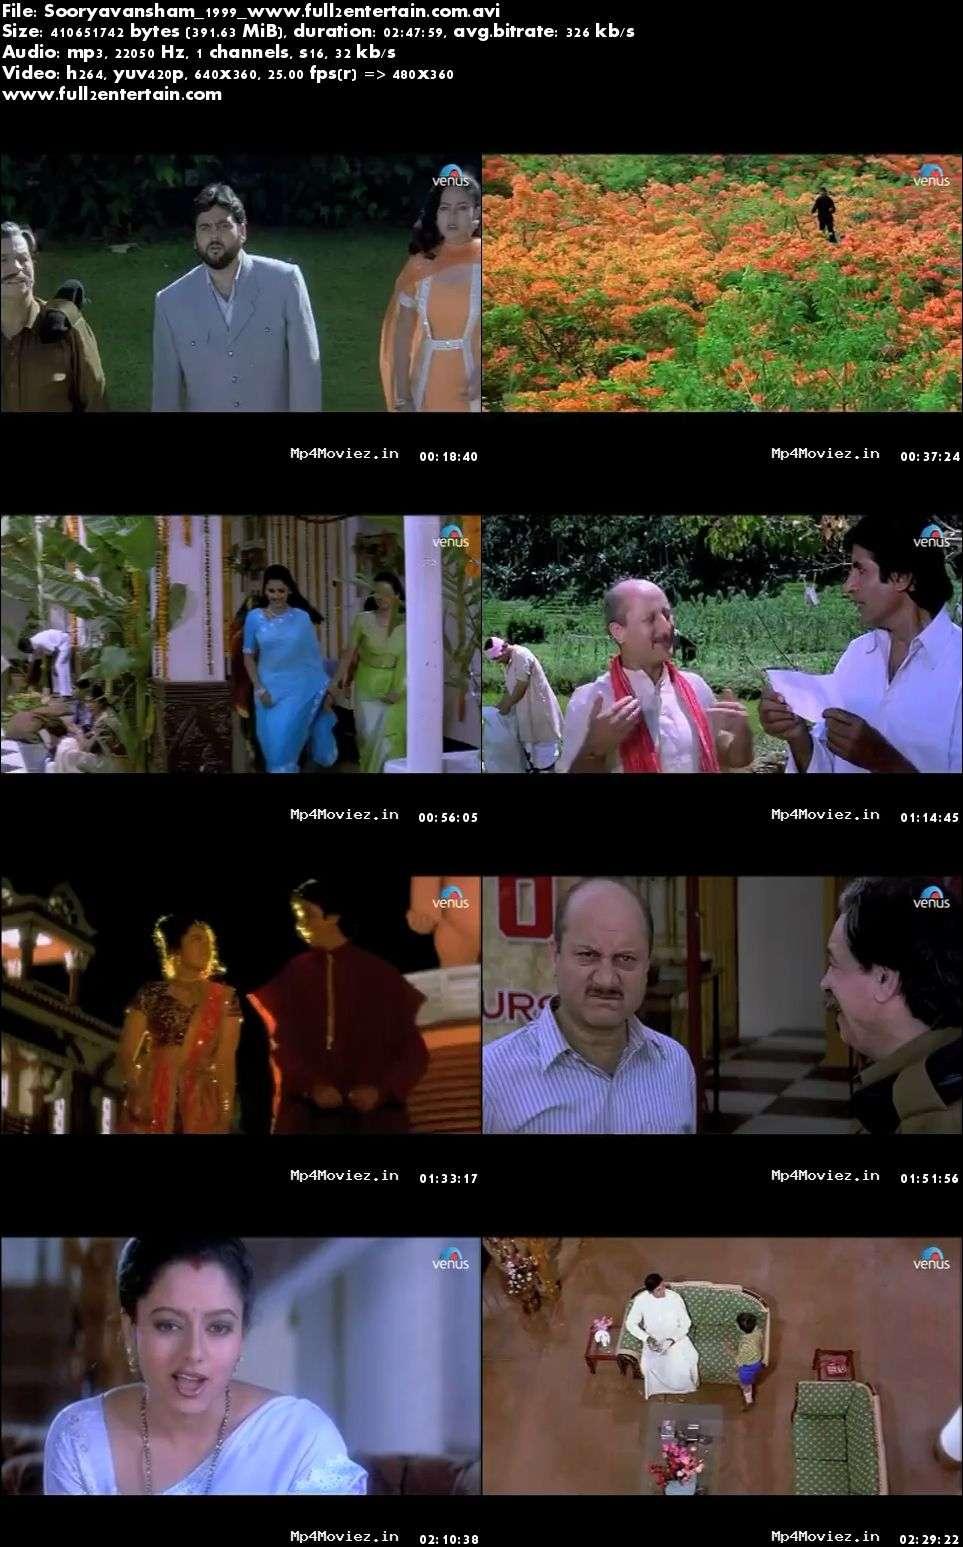 Sooryavansham 1999 Full Movie Download Free in Bluray 720p